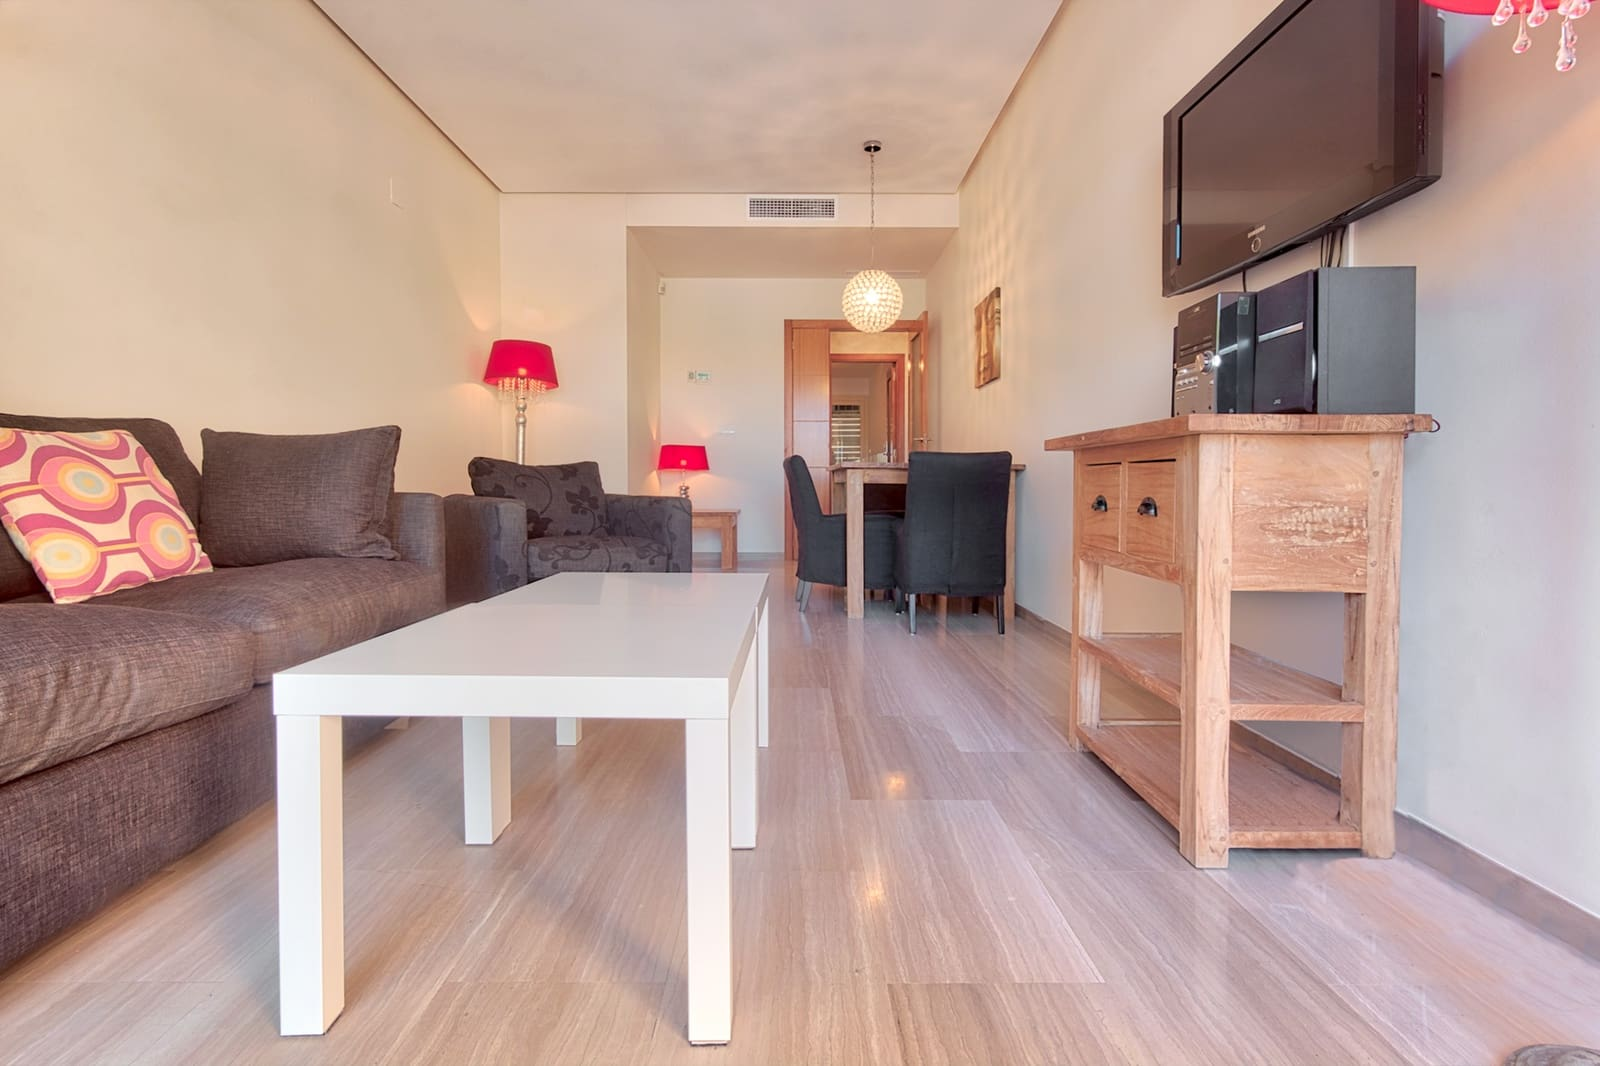 2 makuuhuone Huoneisto myytävänä paikassa Arenal mukana uima-altaan  autotalli - 325 000 € (Ref: 5460909)